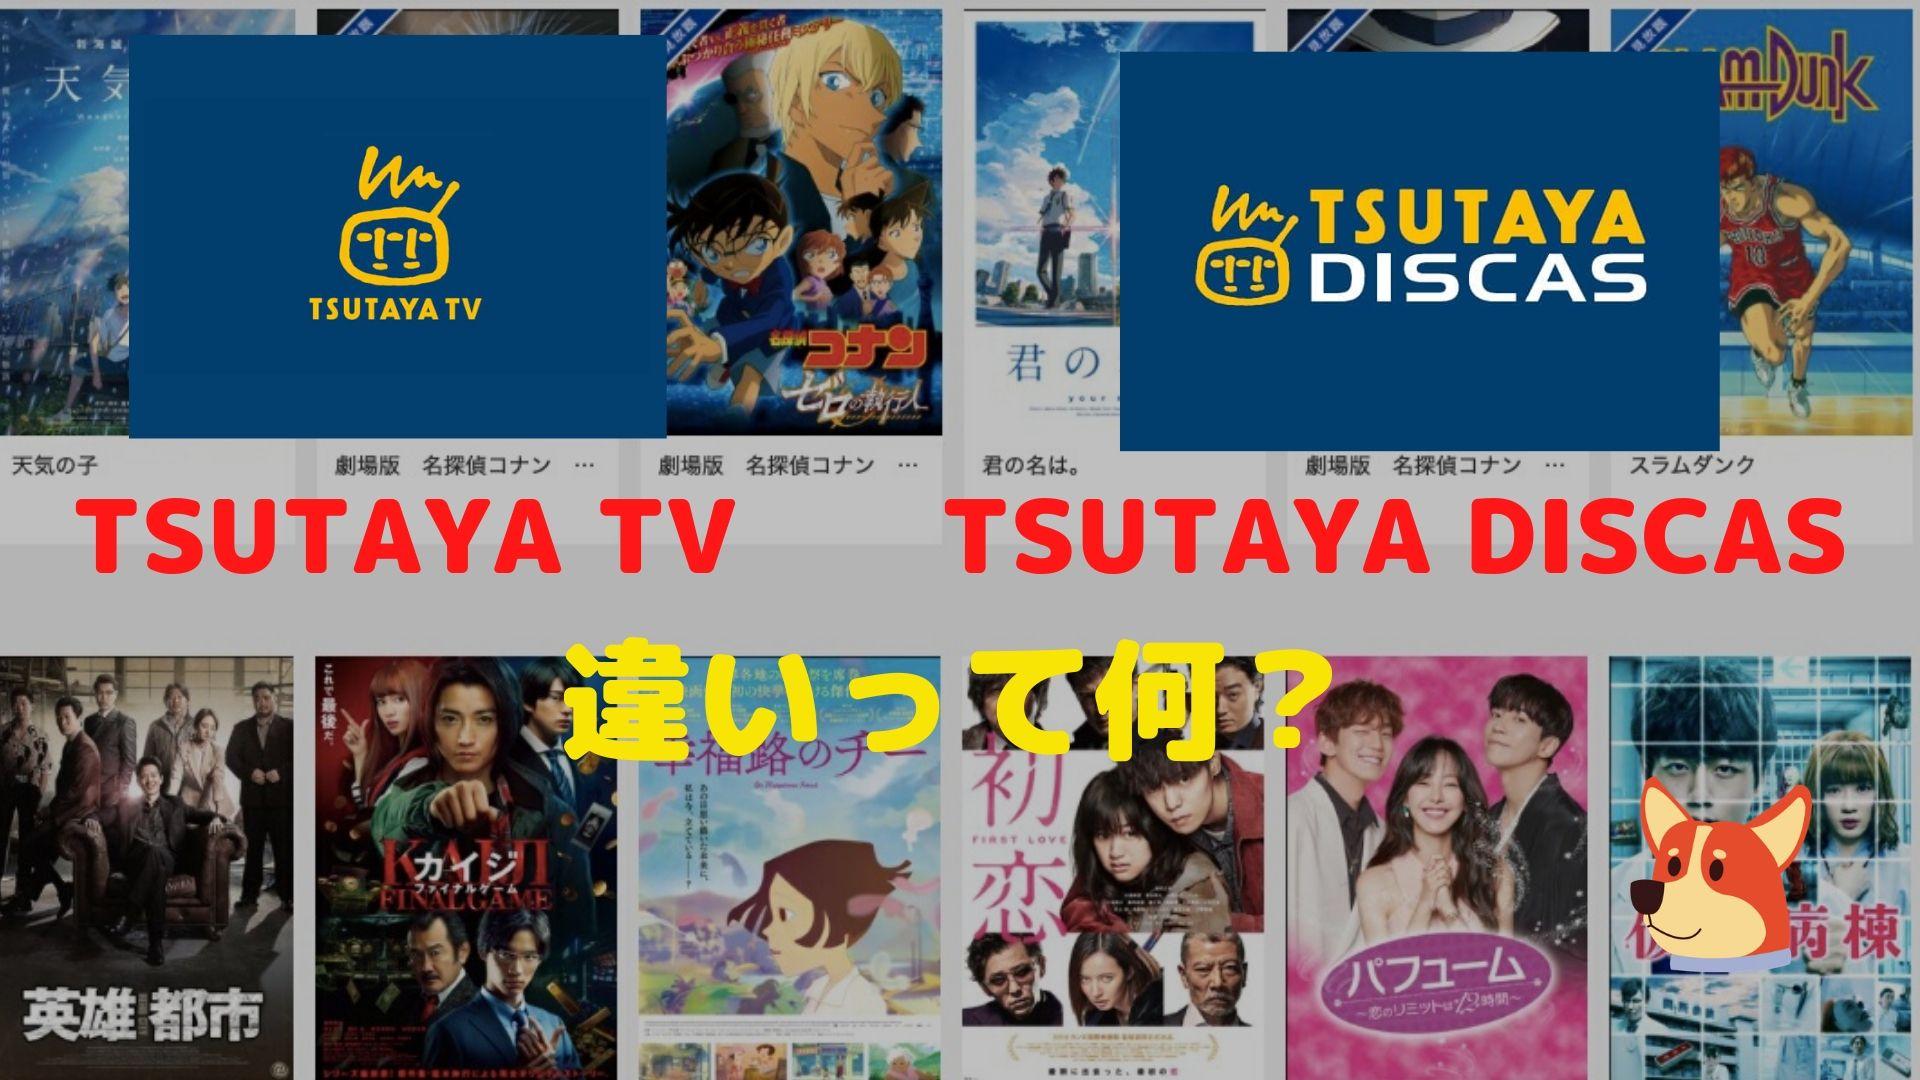 TSUTAYA TVとTSUTAYA DISCASの違いに悩んでいる